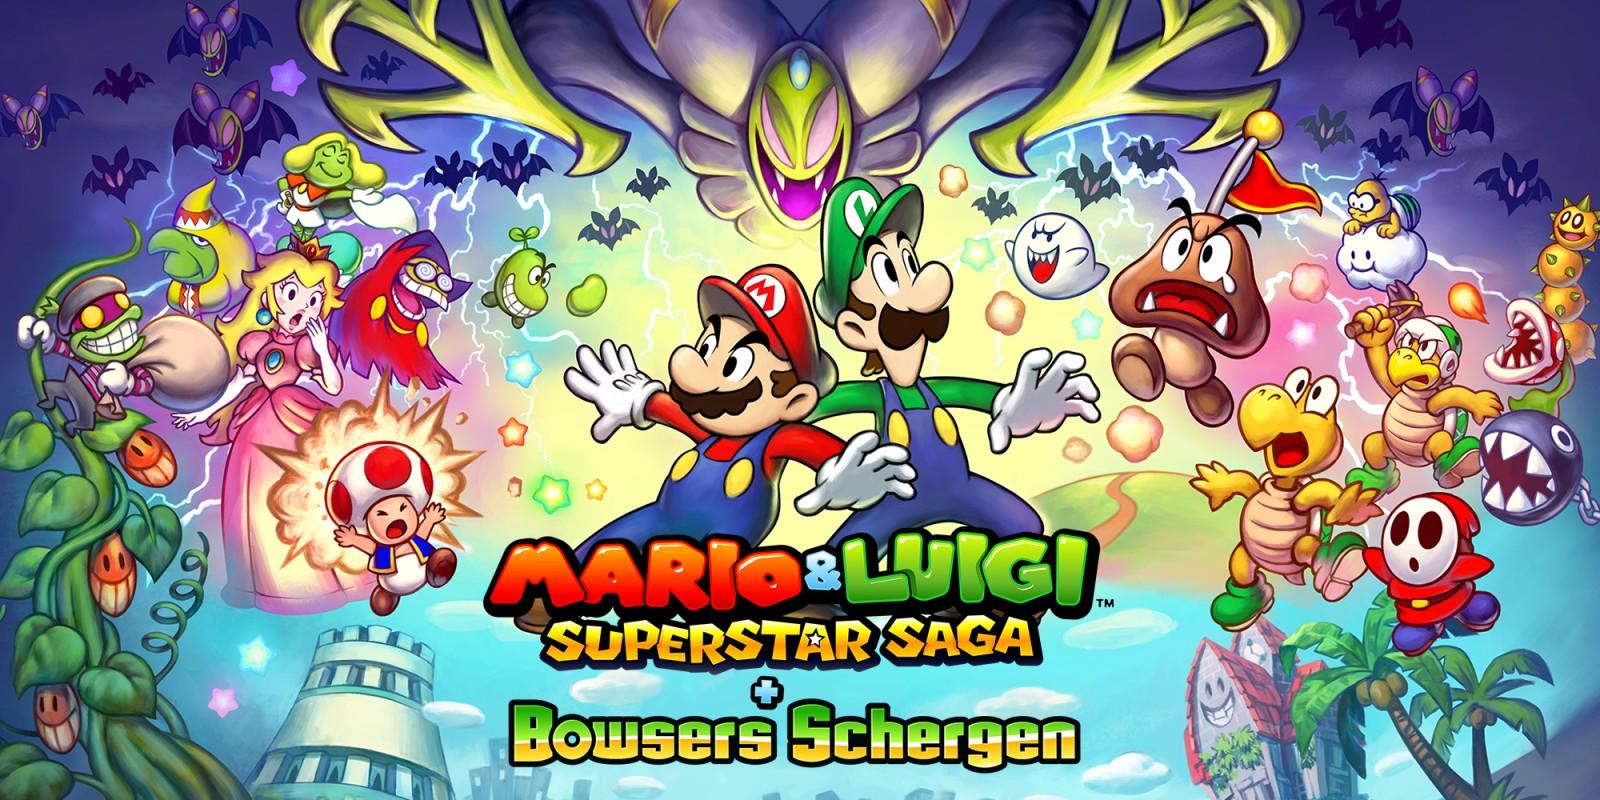 Mario und Luigi Superstar Saga Plus Bowsers Schergen